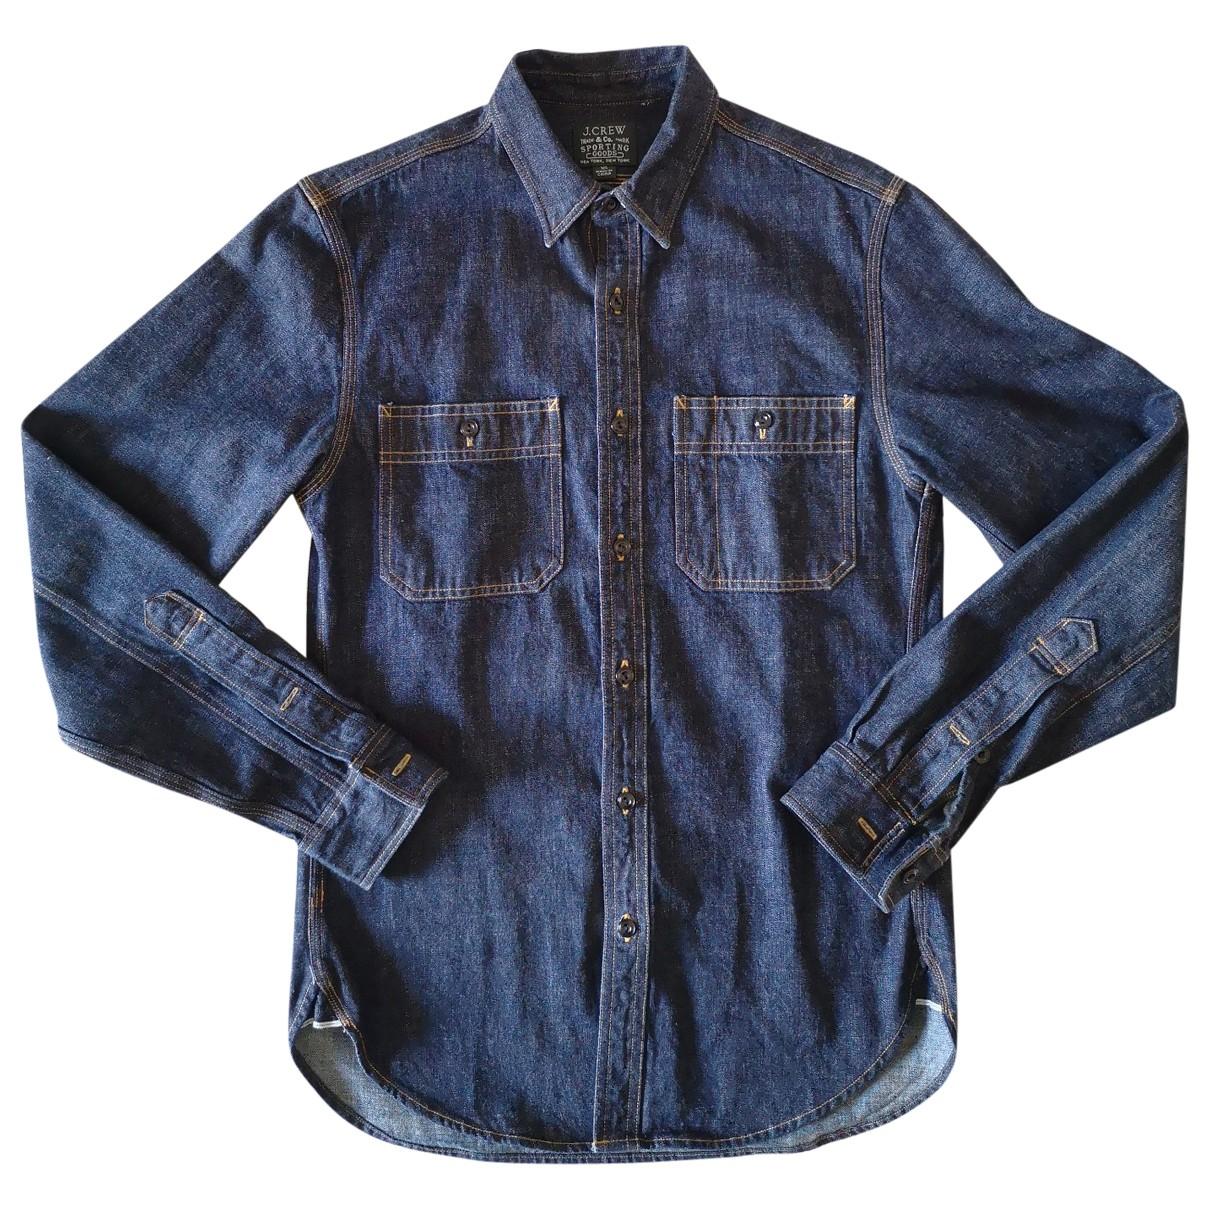 J.crew - Chemises   pour homme en denim - bleu